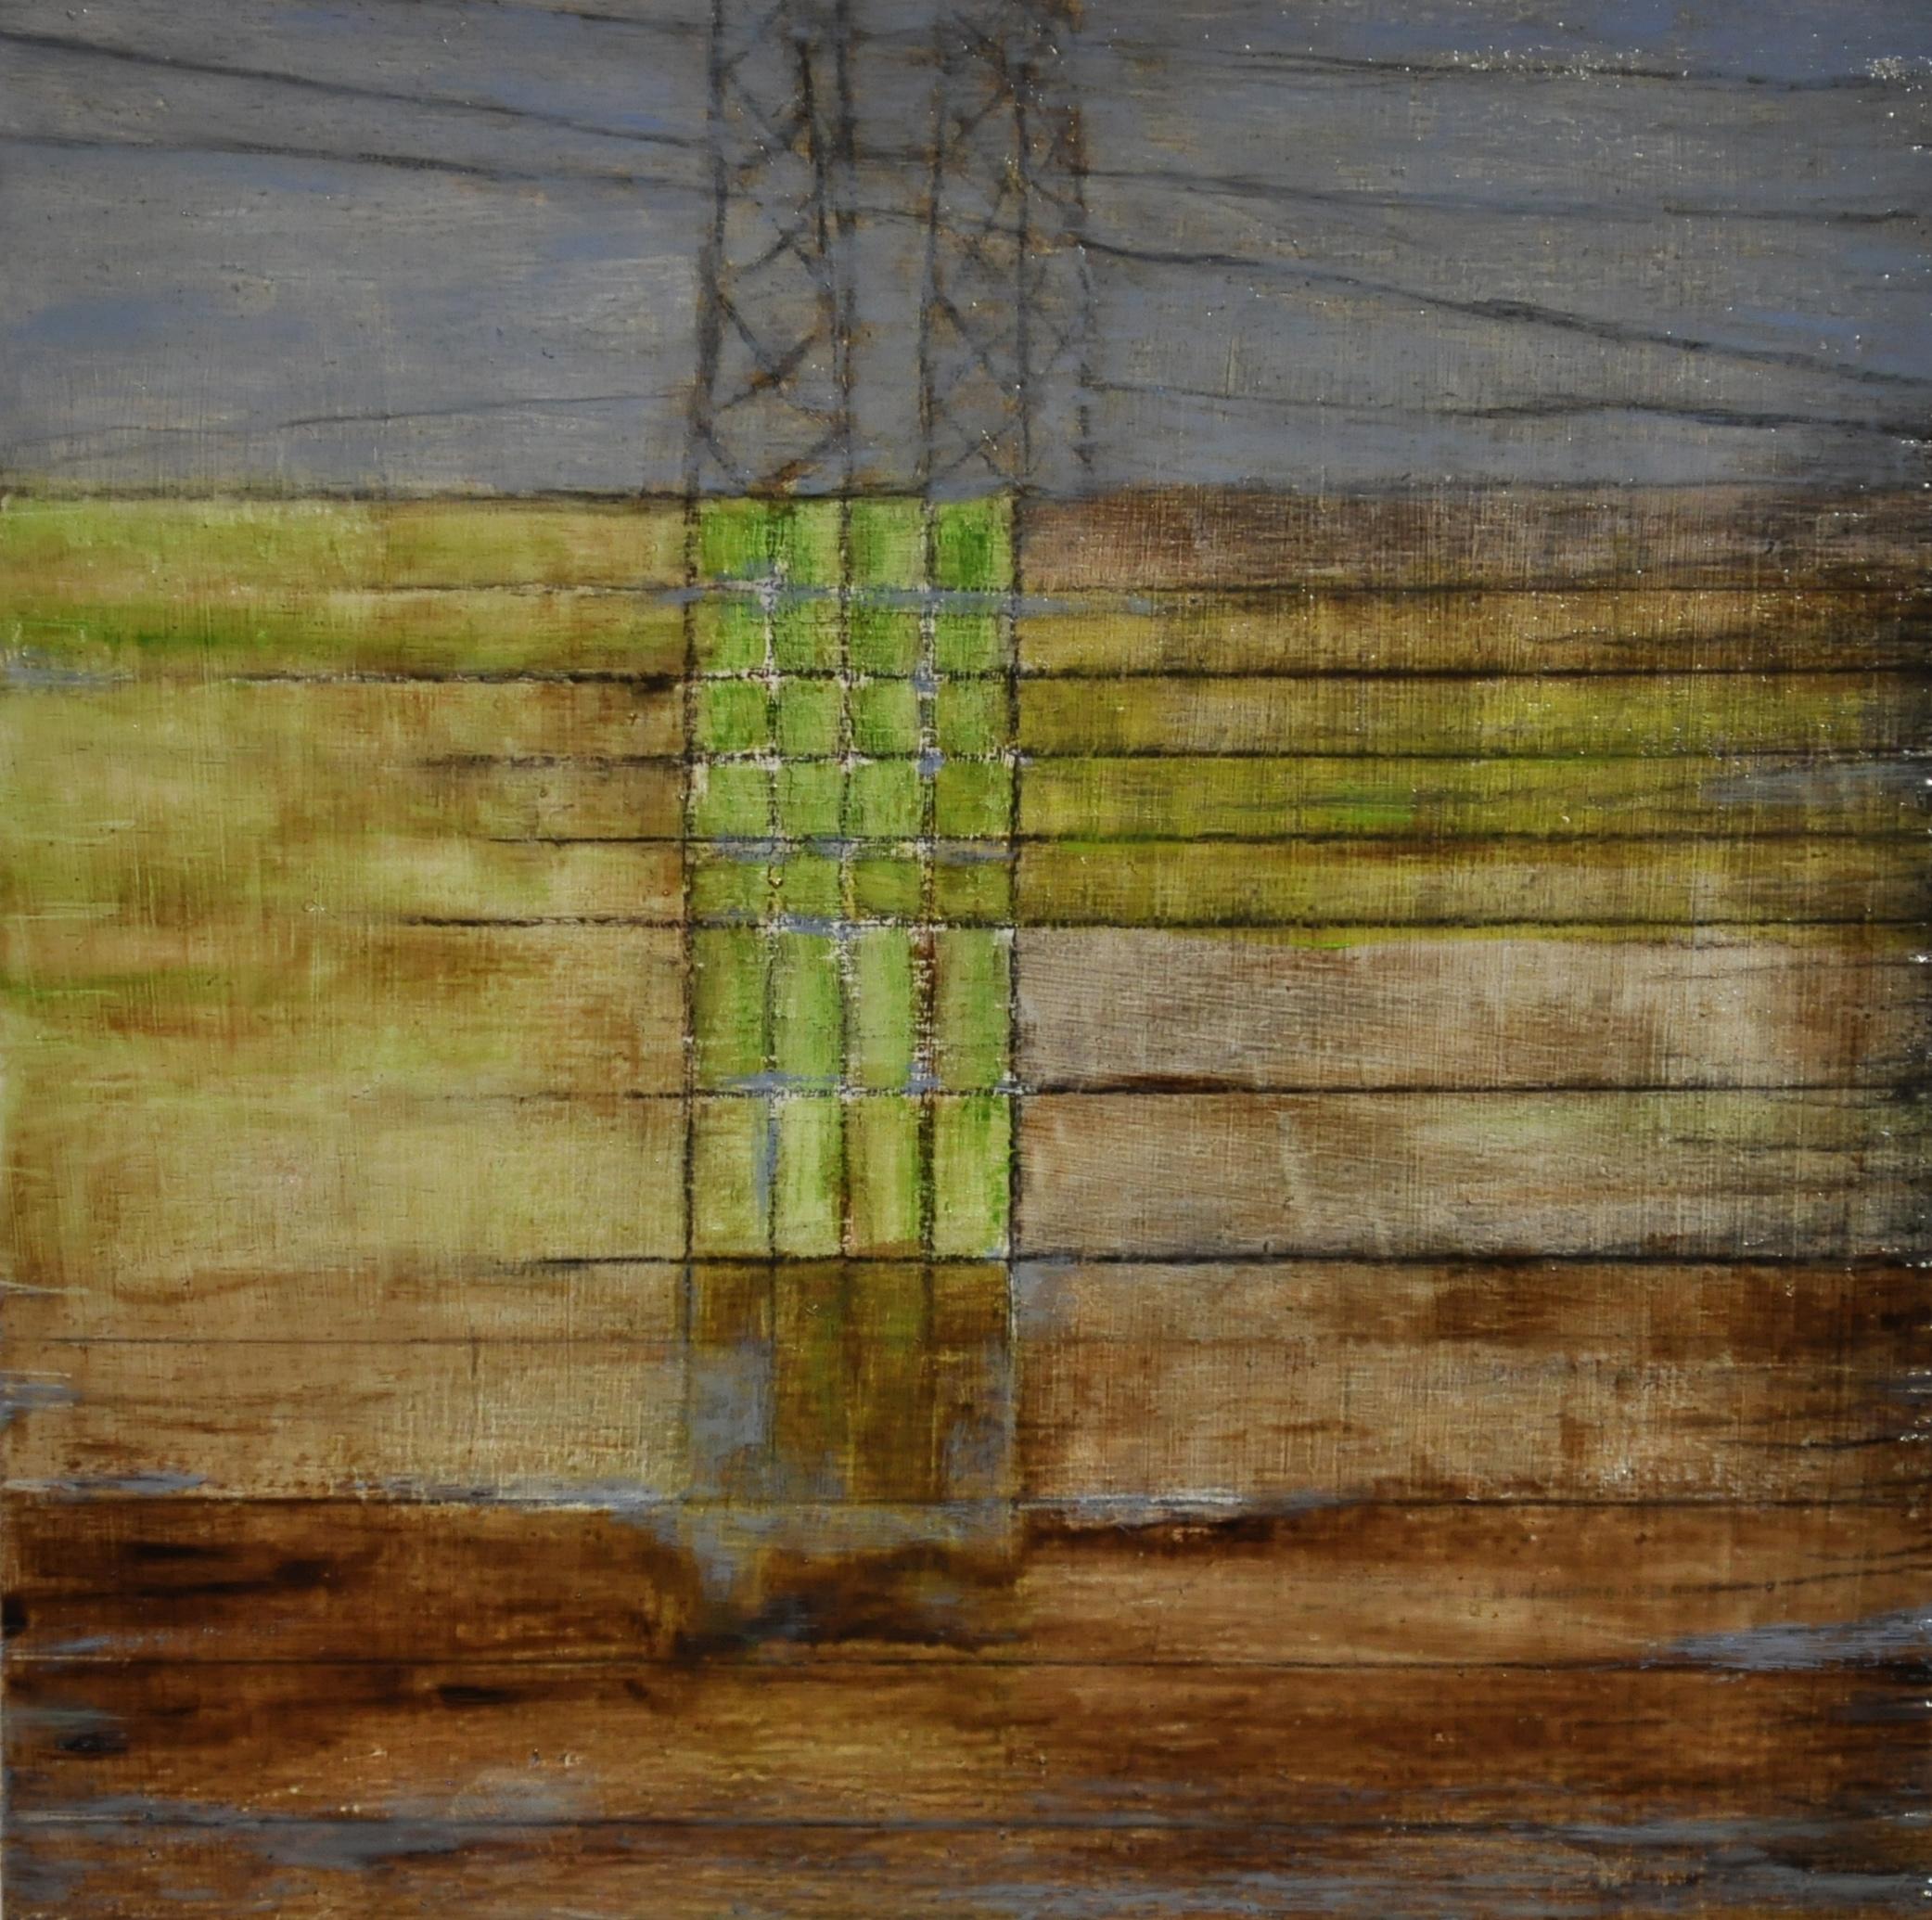 grid, 2017 oil on wood panel, 15 x 15 cm